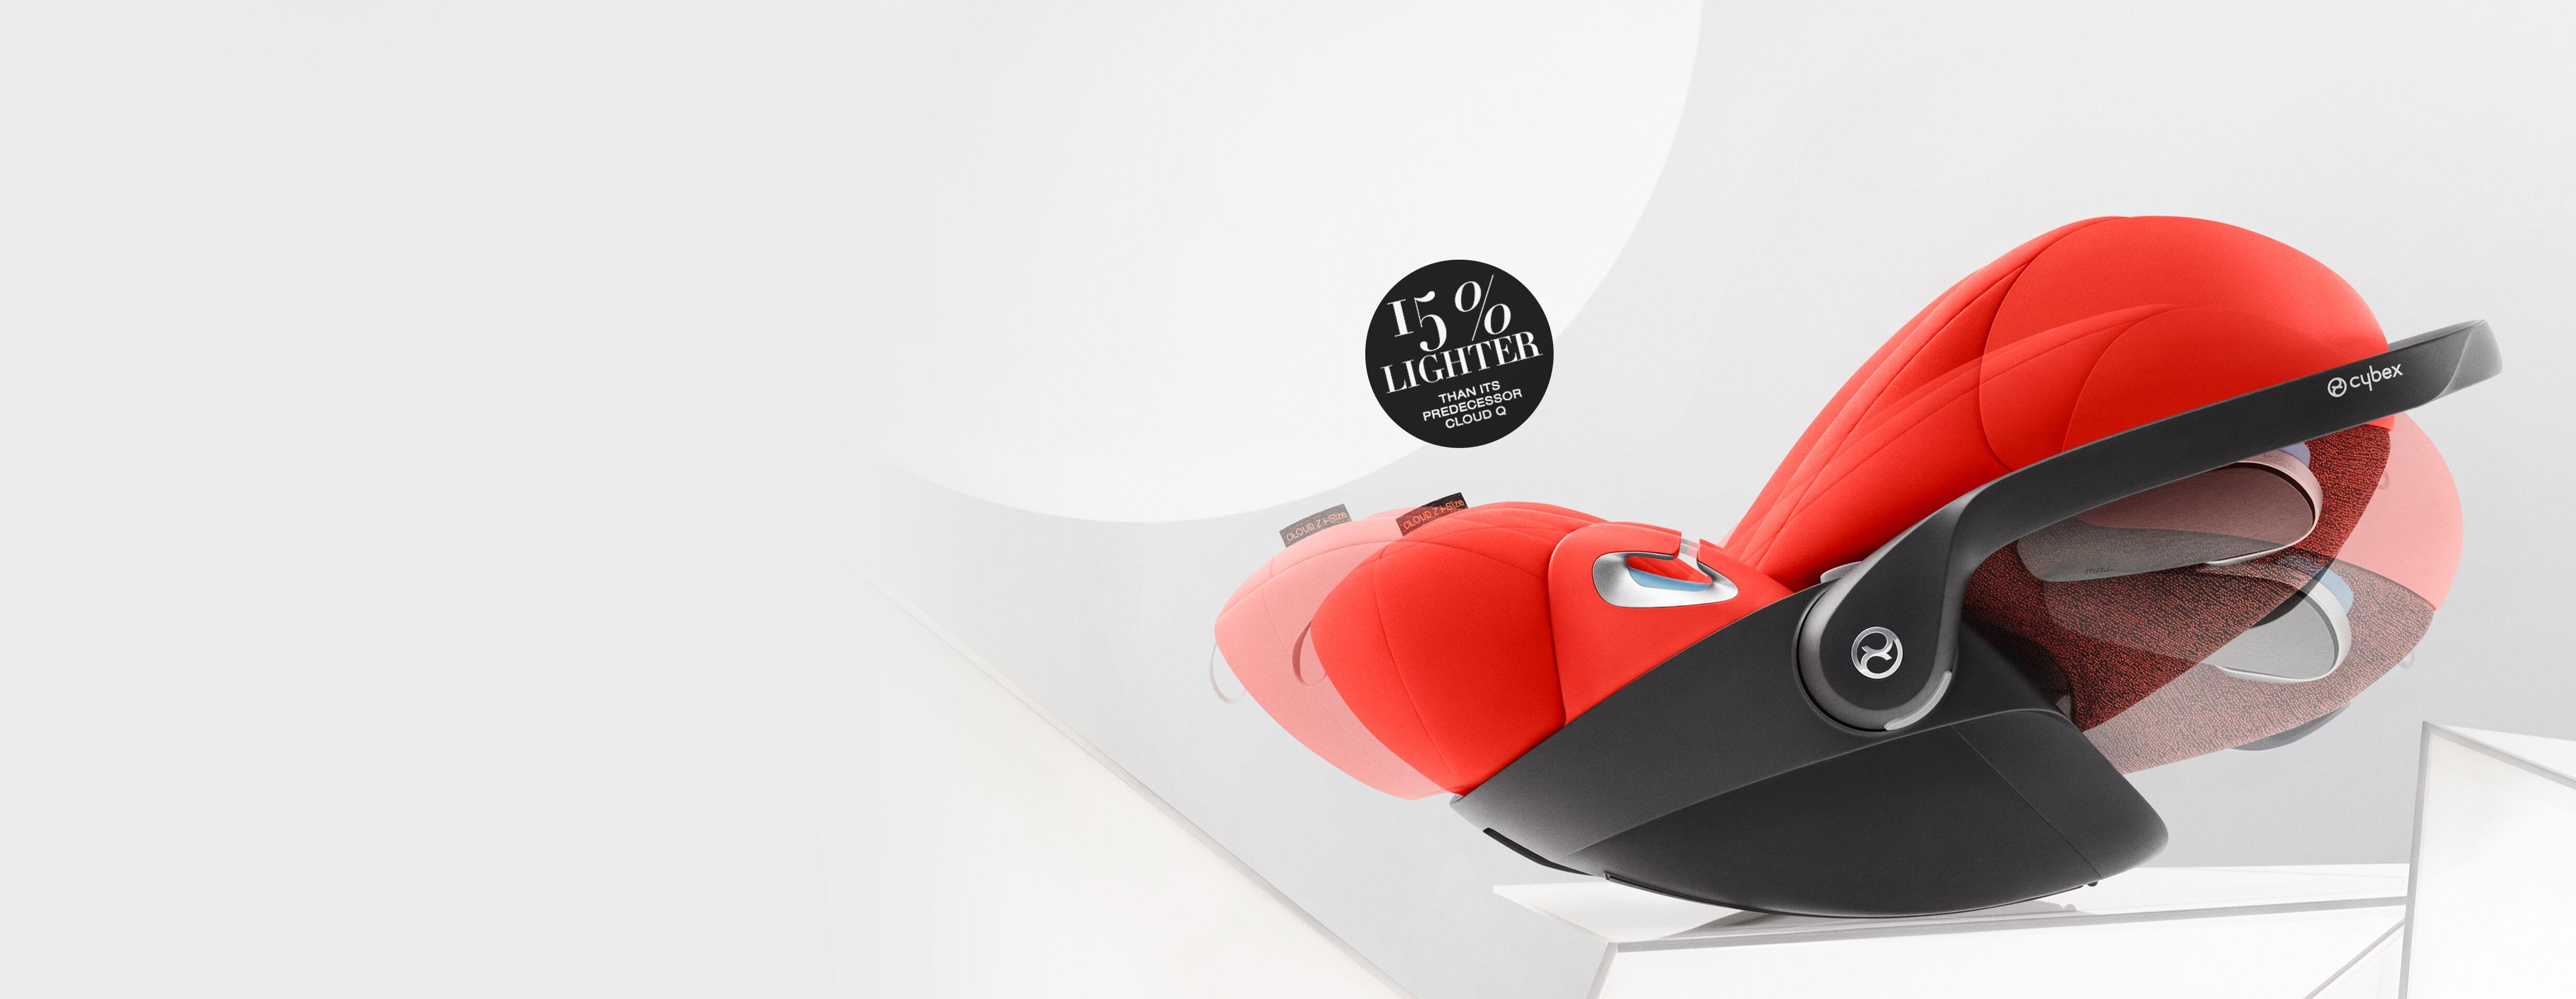 Cybex Platinum Cloud Z i-Size Car Seats Ergonomic Lie-Flat Position Banner